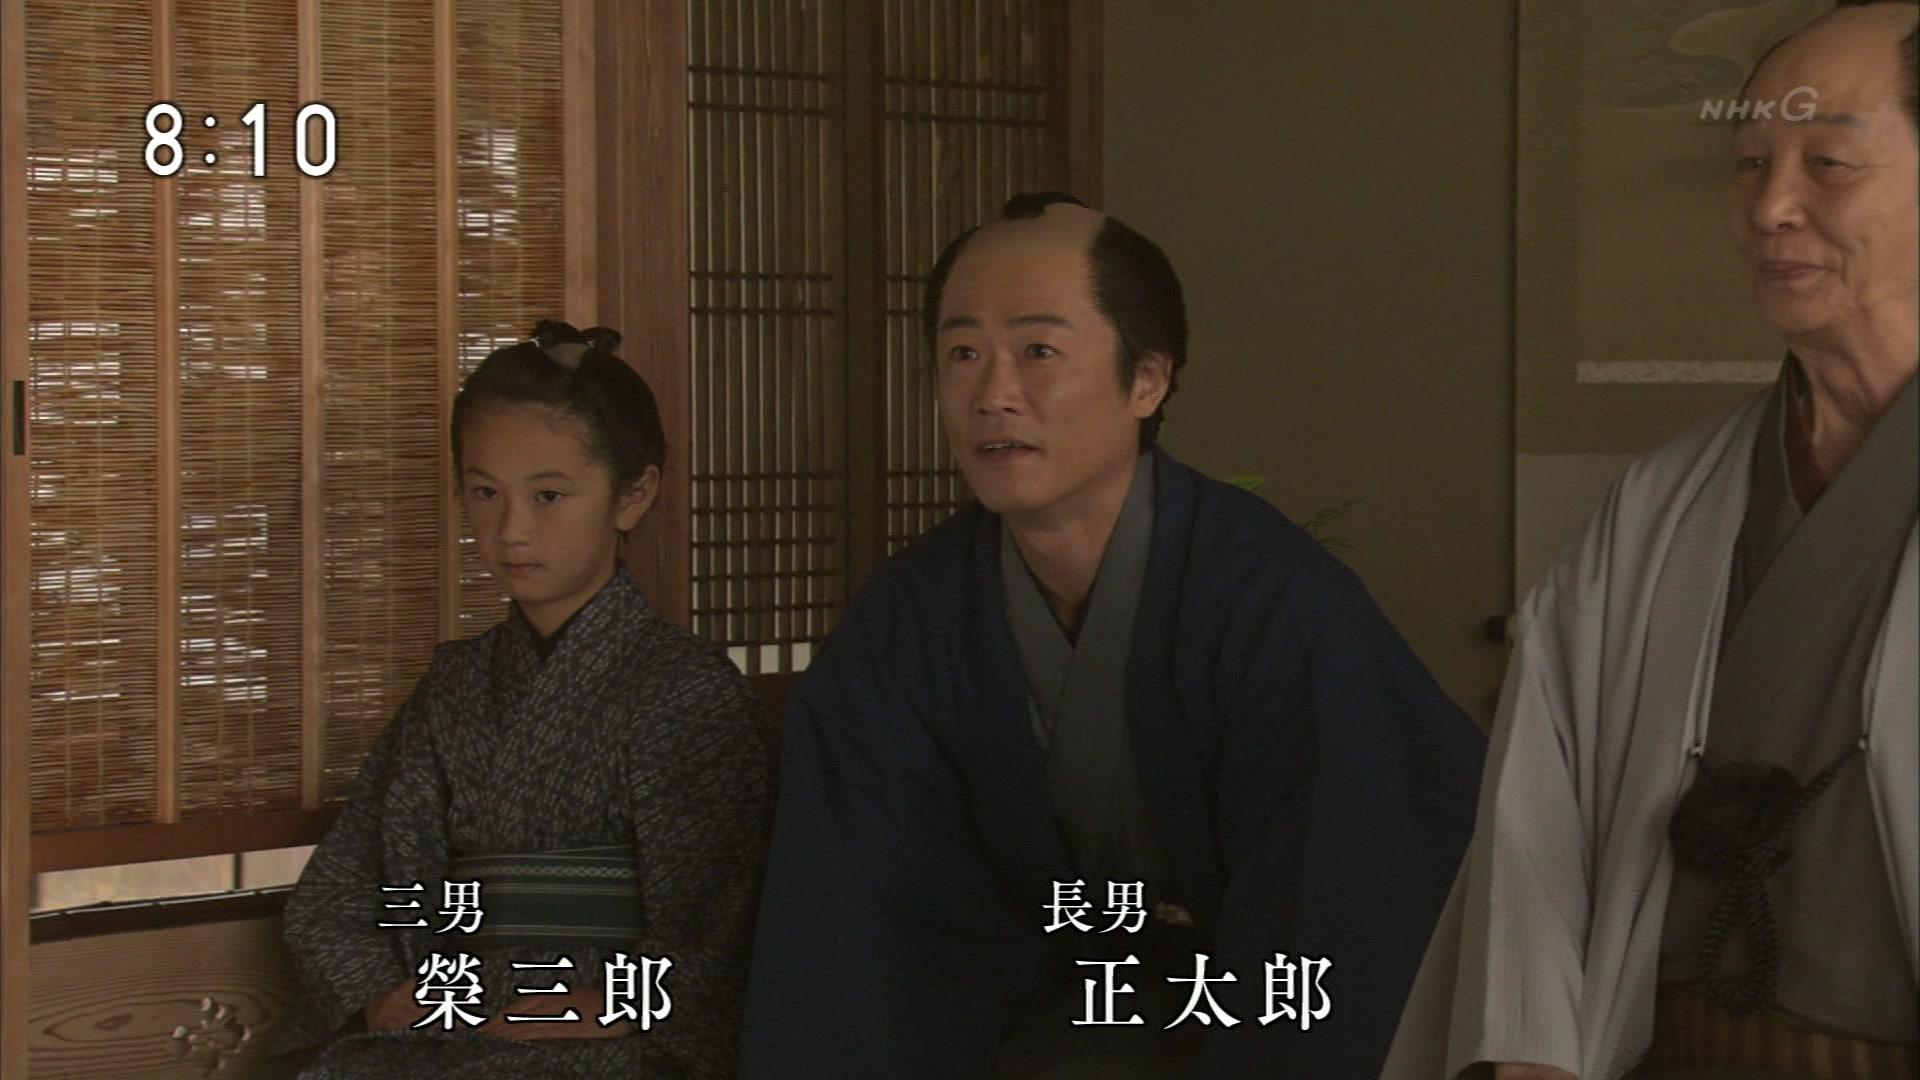 2015-09-30 08:00 連続テレビ小説 あさが来た(3)「小さな許嫁(いいなずけ)」 2010